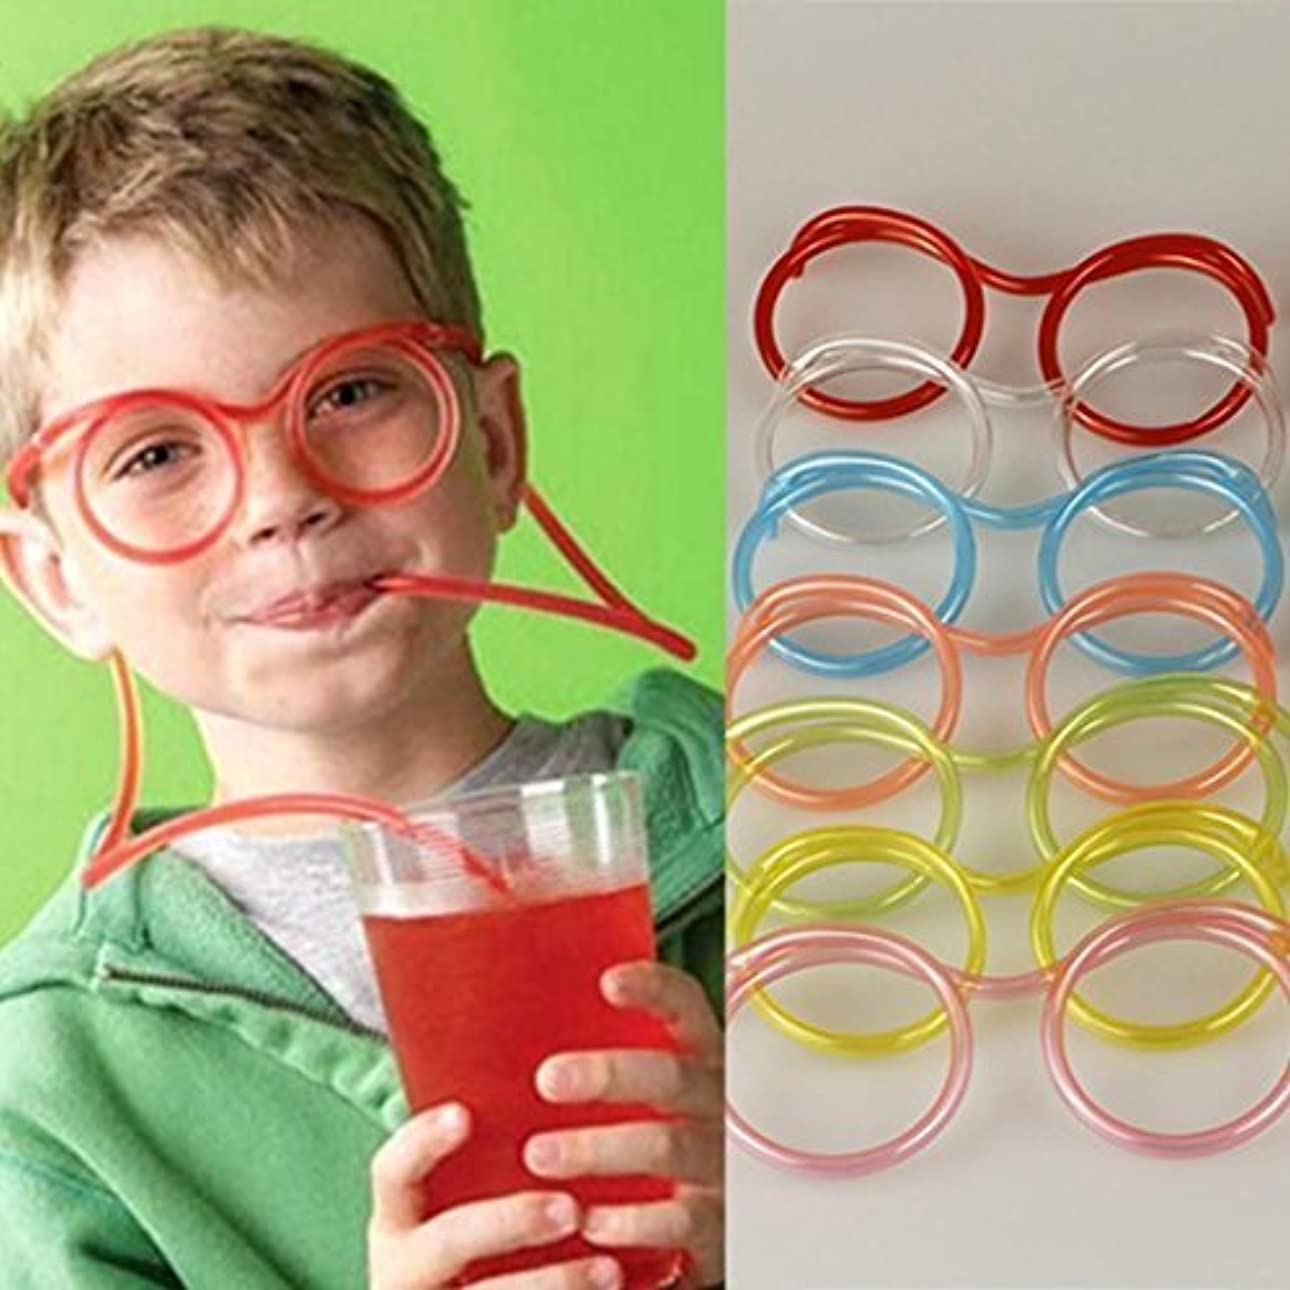 ためらう百パッケージ子供の楽しい狂った目新しさは、可撓管ガラスギフト党供給を飲むわら